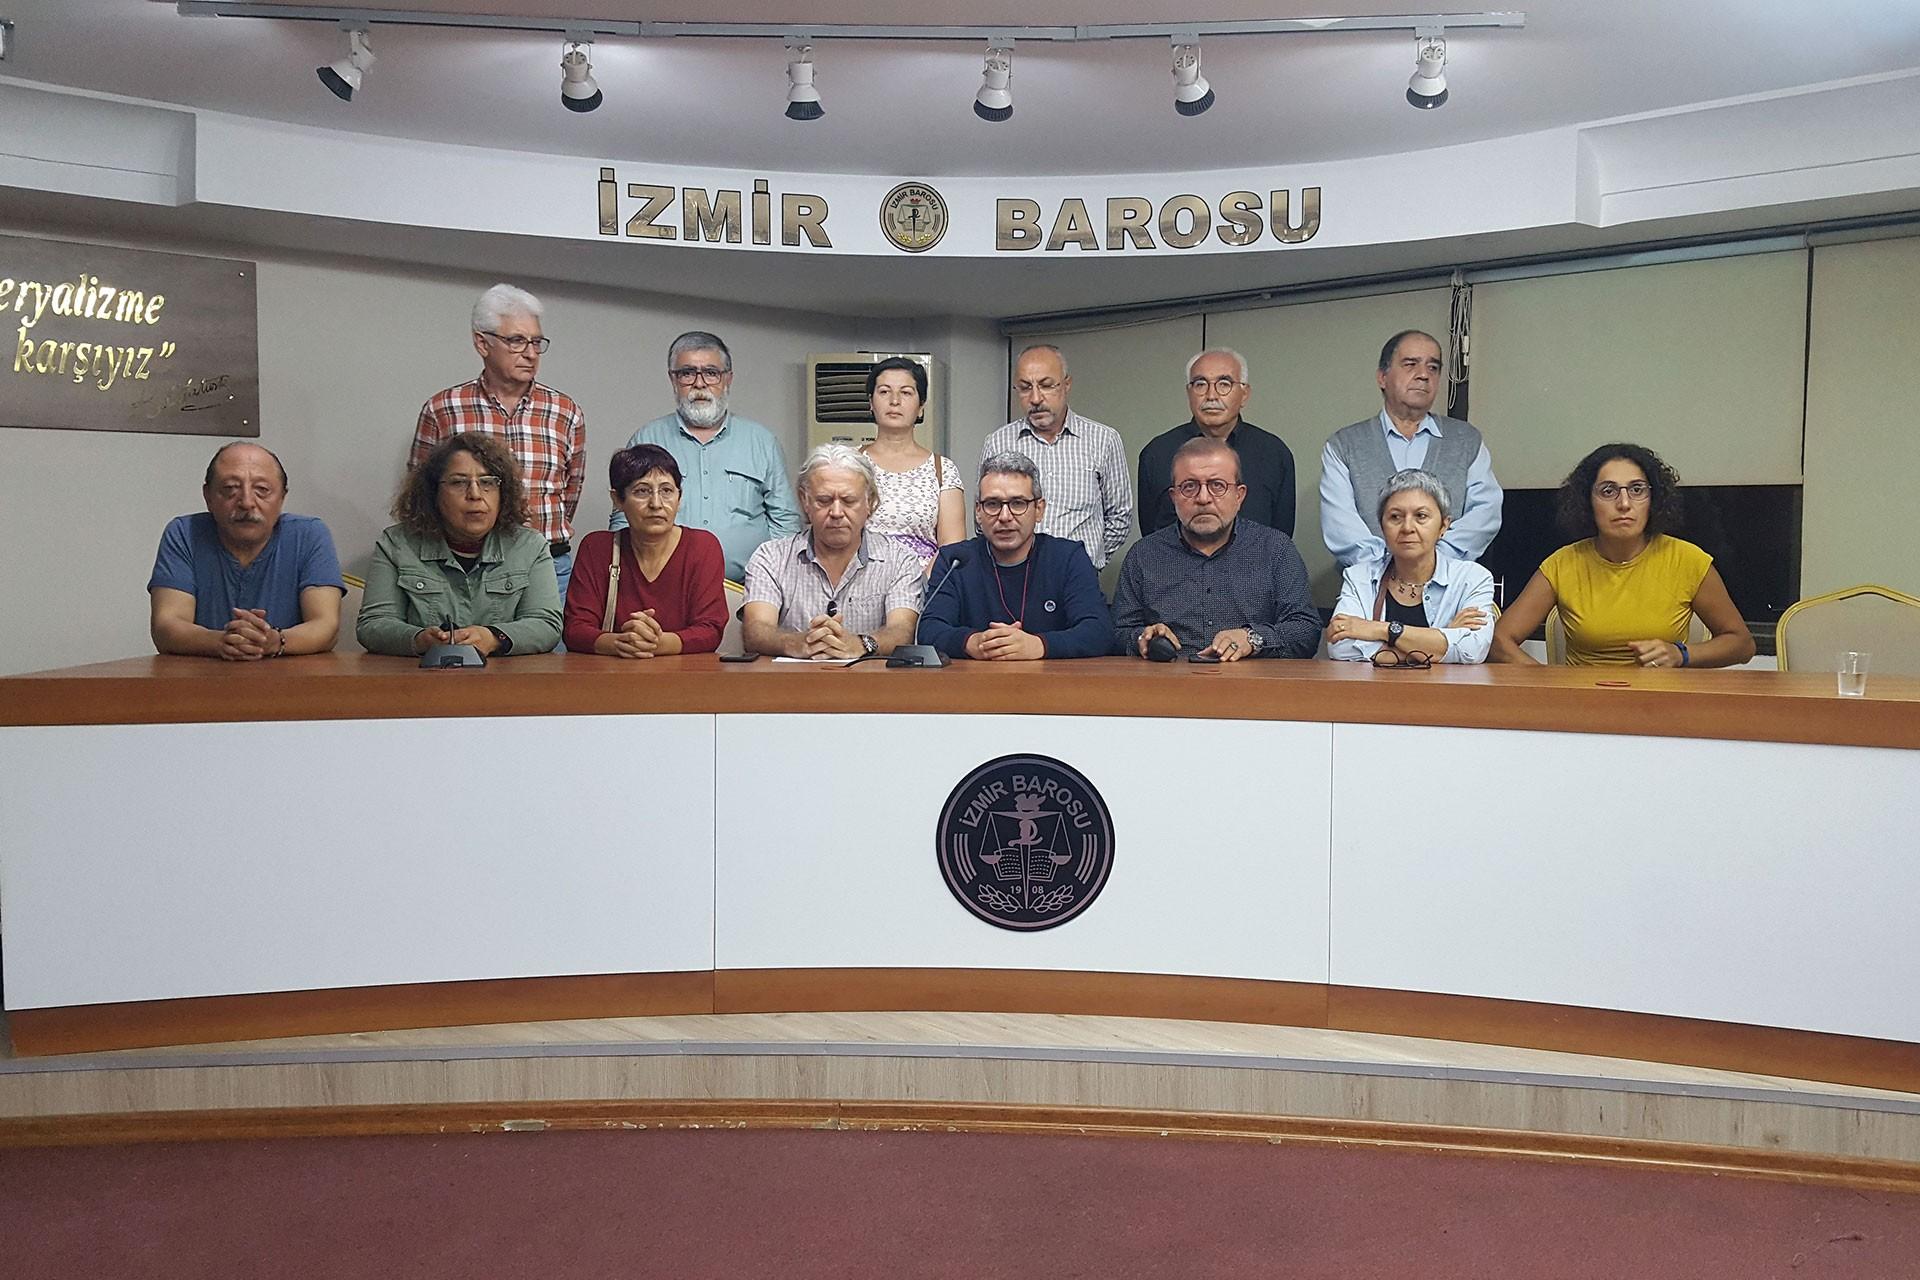 İzmir'de emek ve demokrasi güçleri; Adana'da kadınlar 'barış' çağrısı yaptı